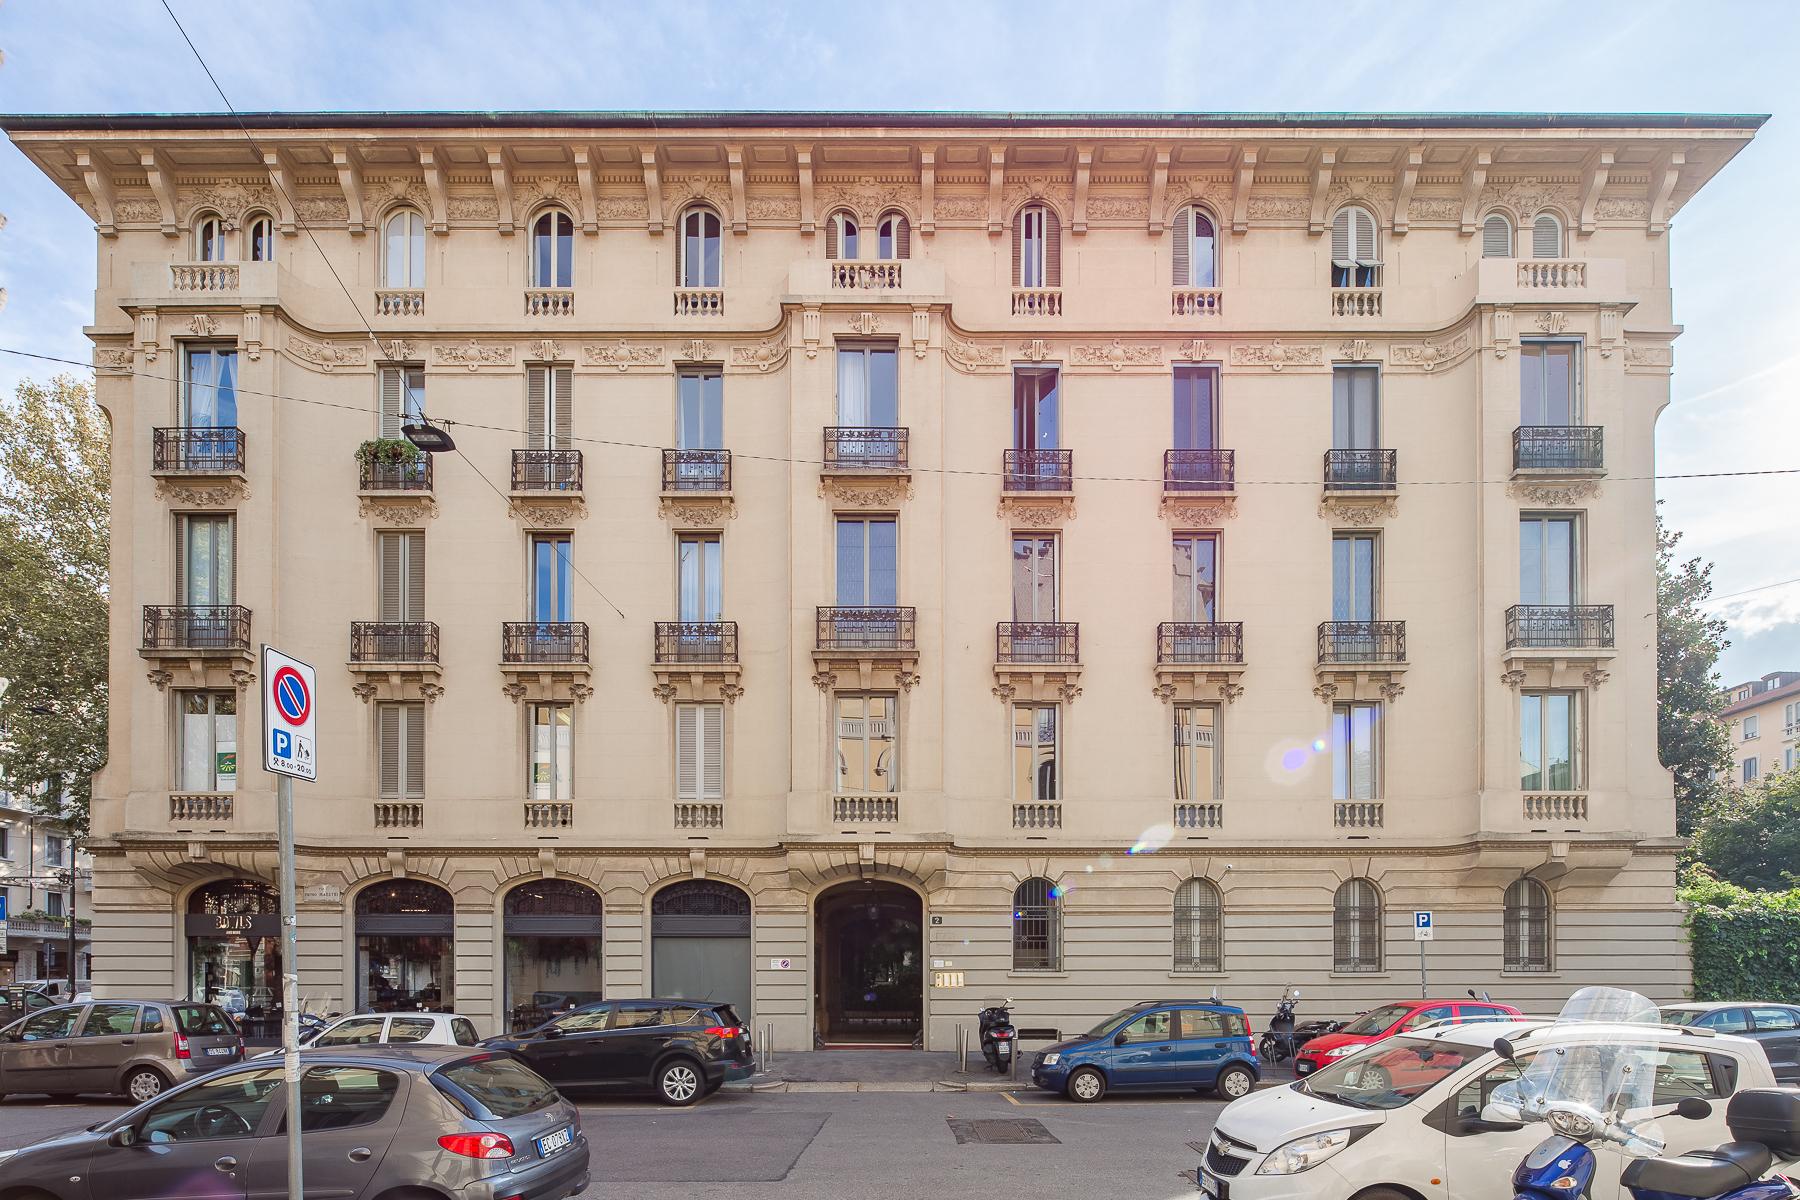 Attico in Vendita a Milano: 3 locali, 138 mq - Foto 25